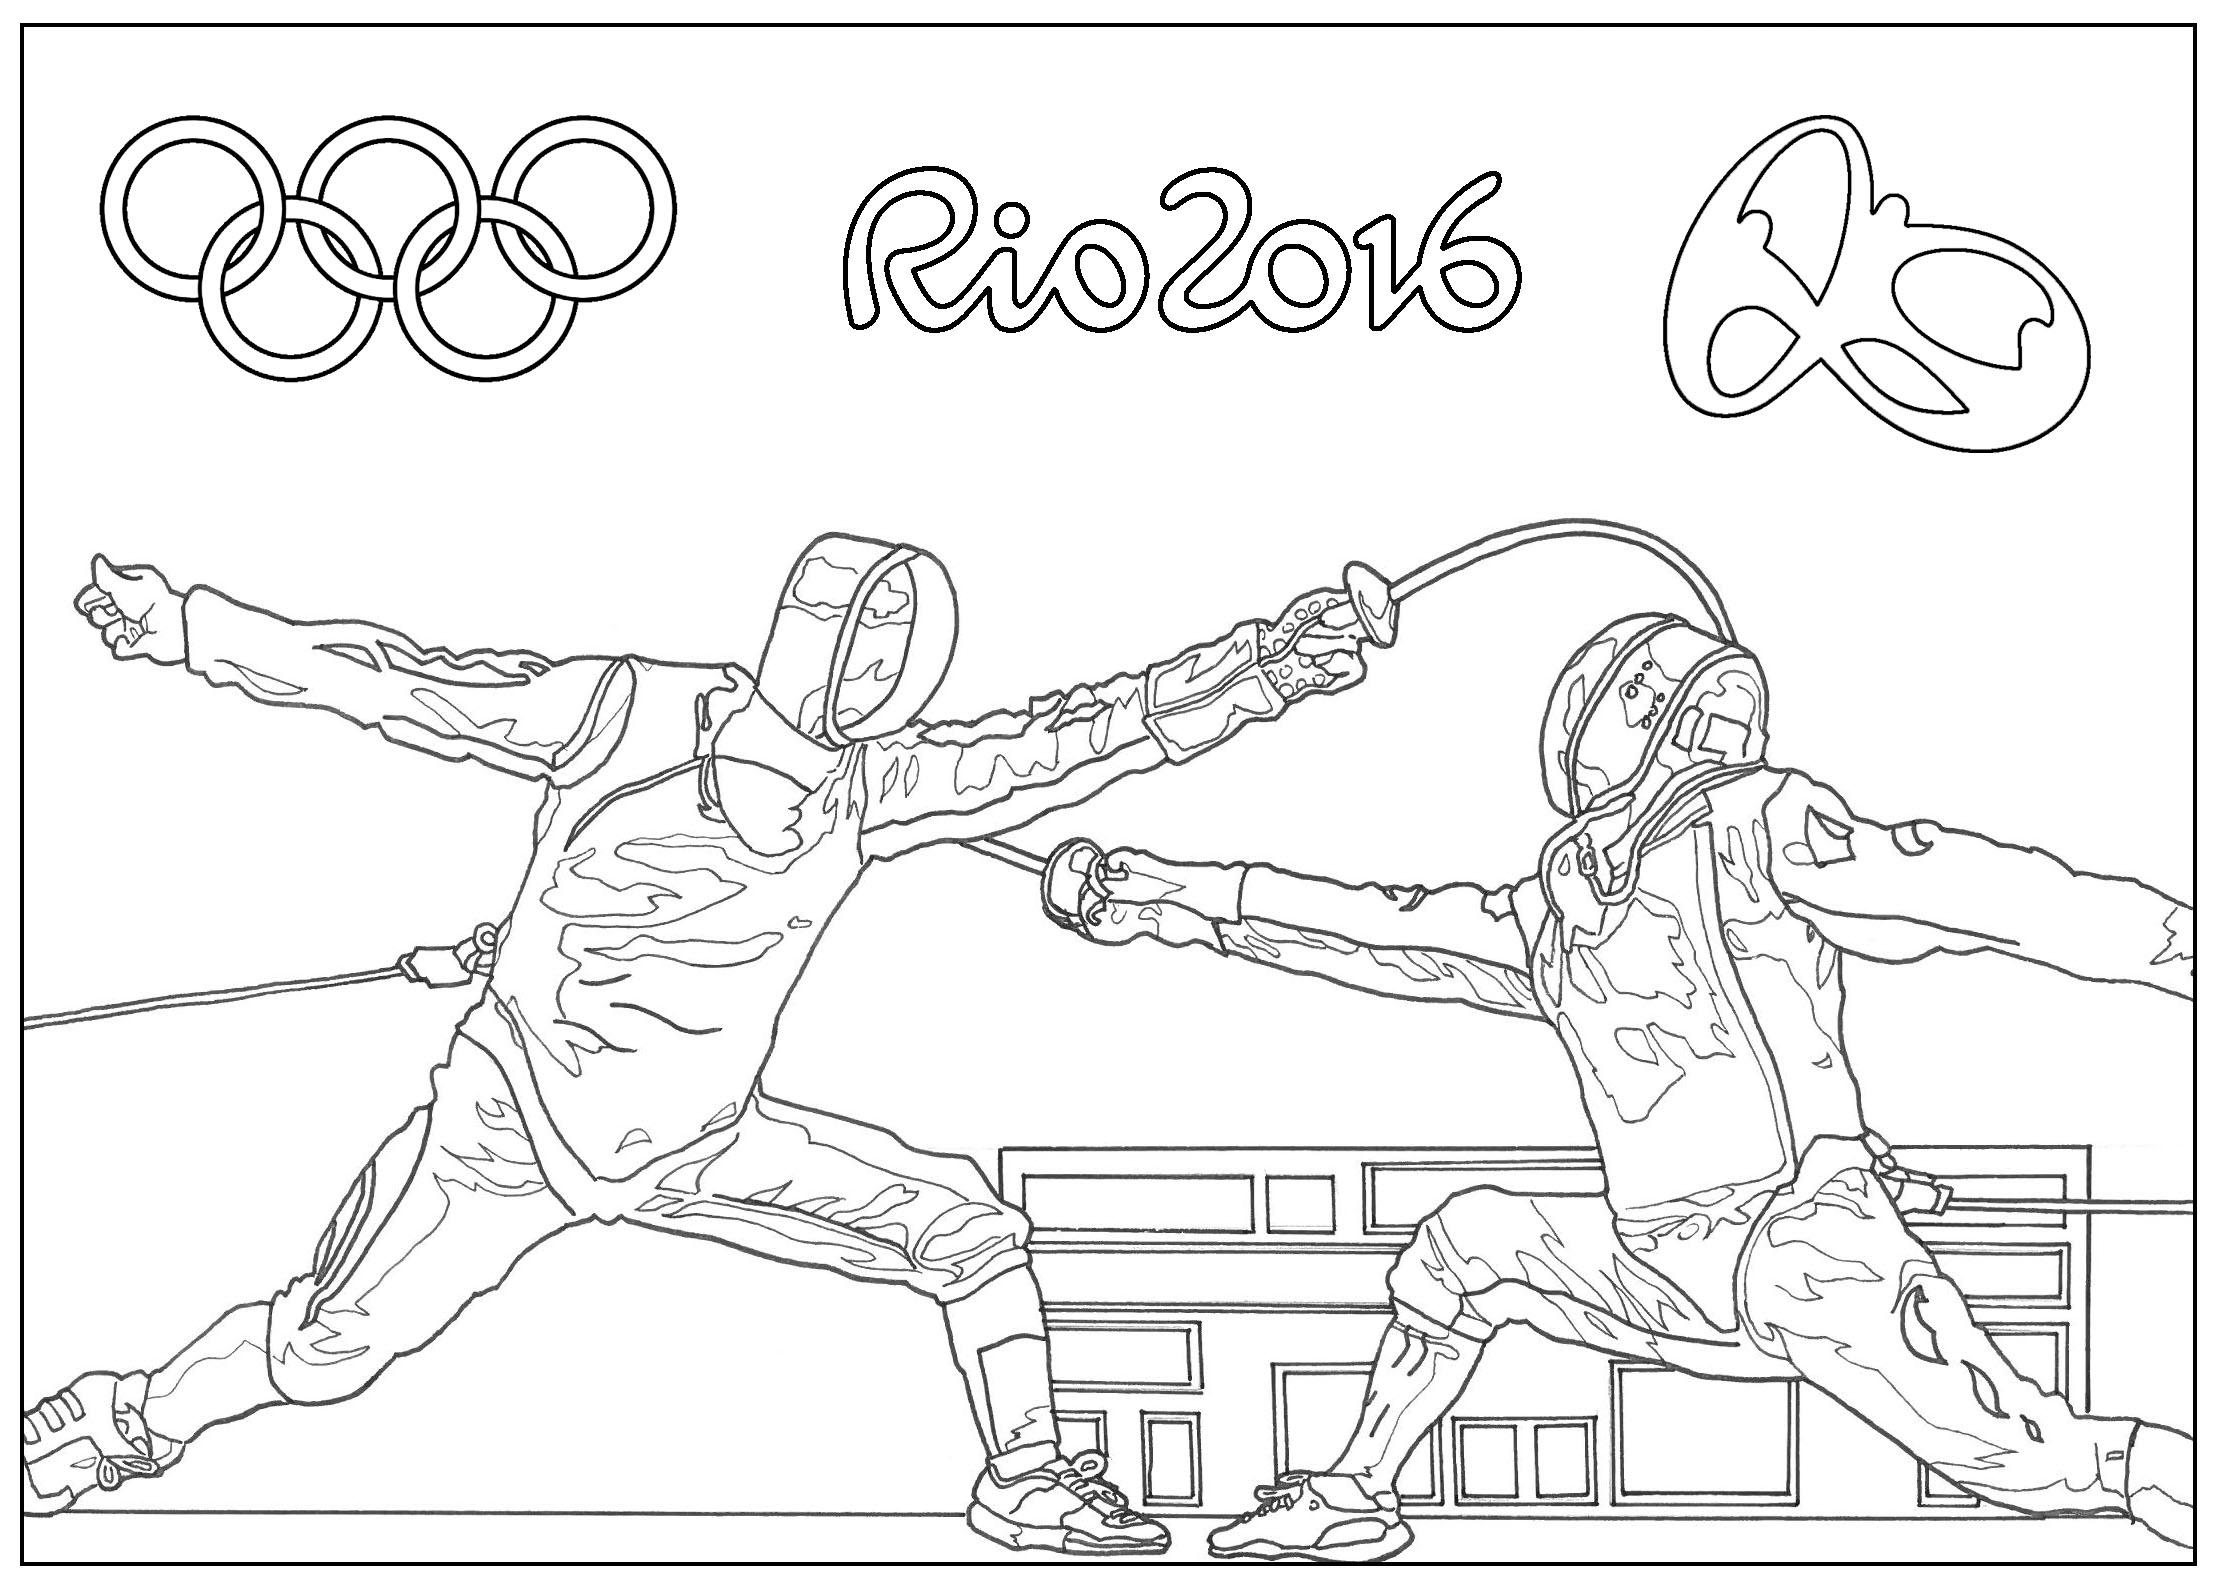 Jeux Olympiques de Rio 2016 : L'Escrime